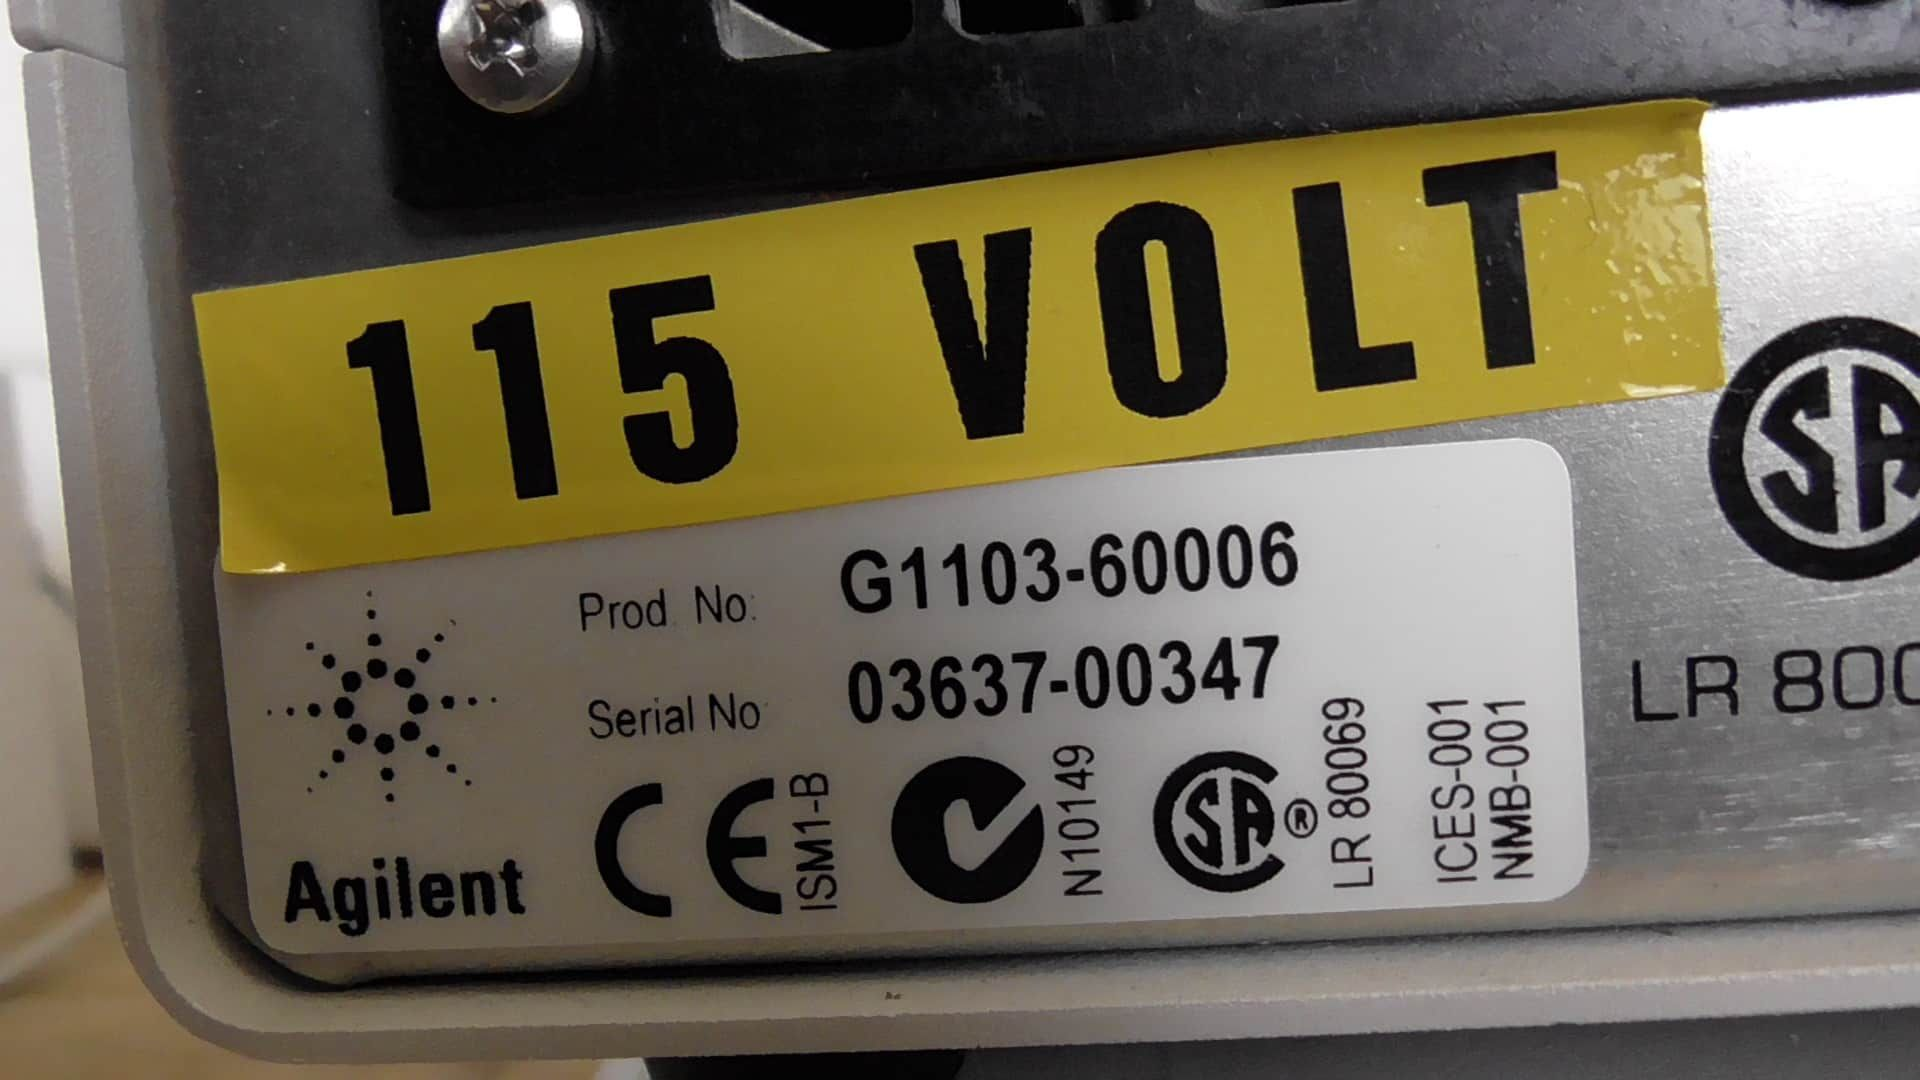 Agilent 8453 G1103A UV-Vis Spectrophotometer